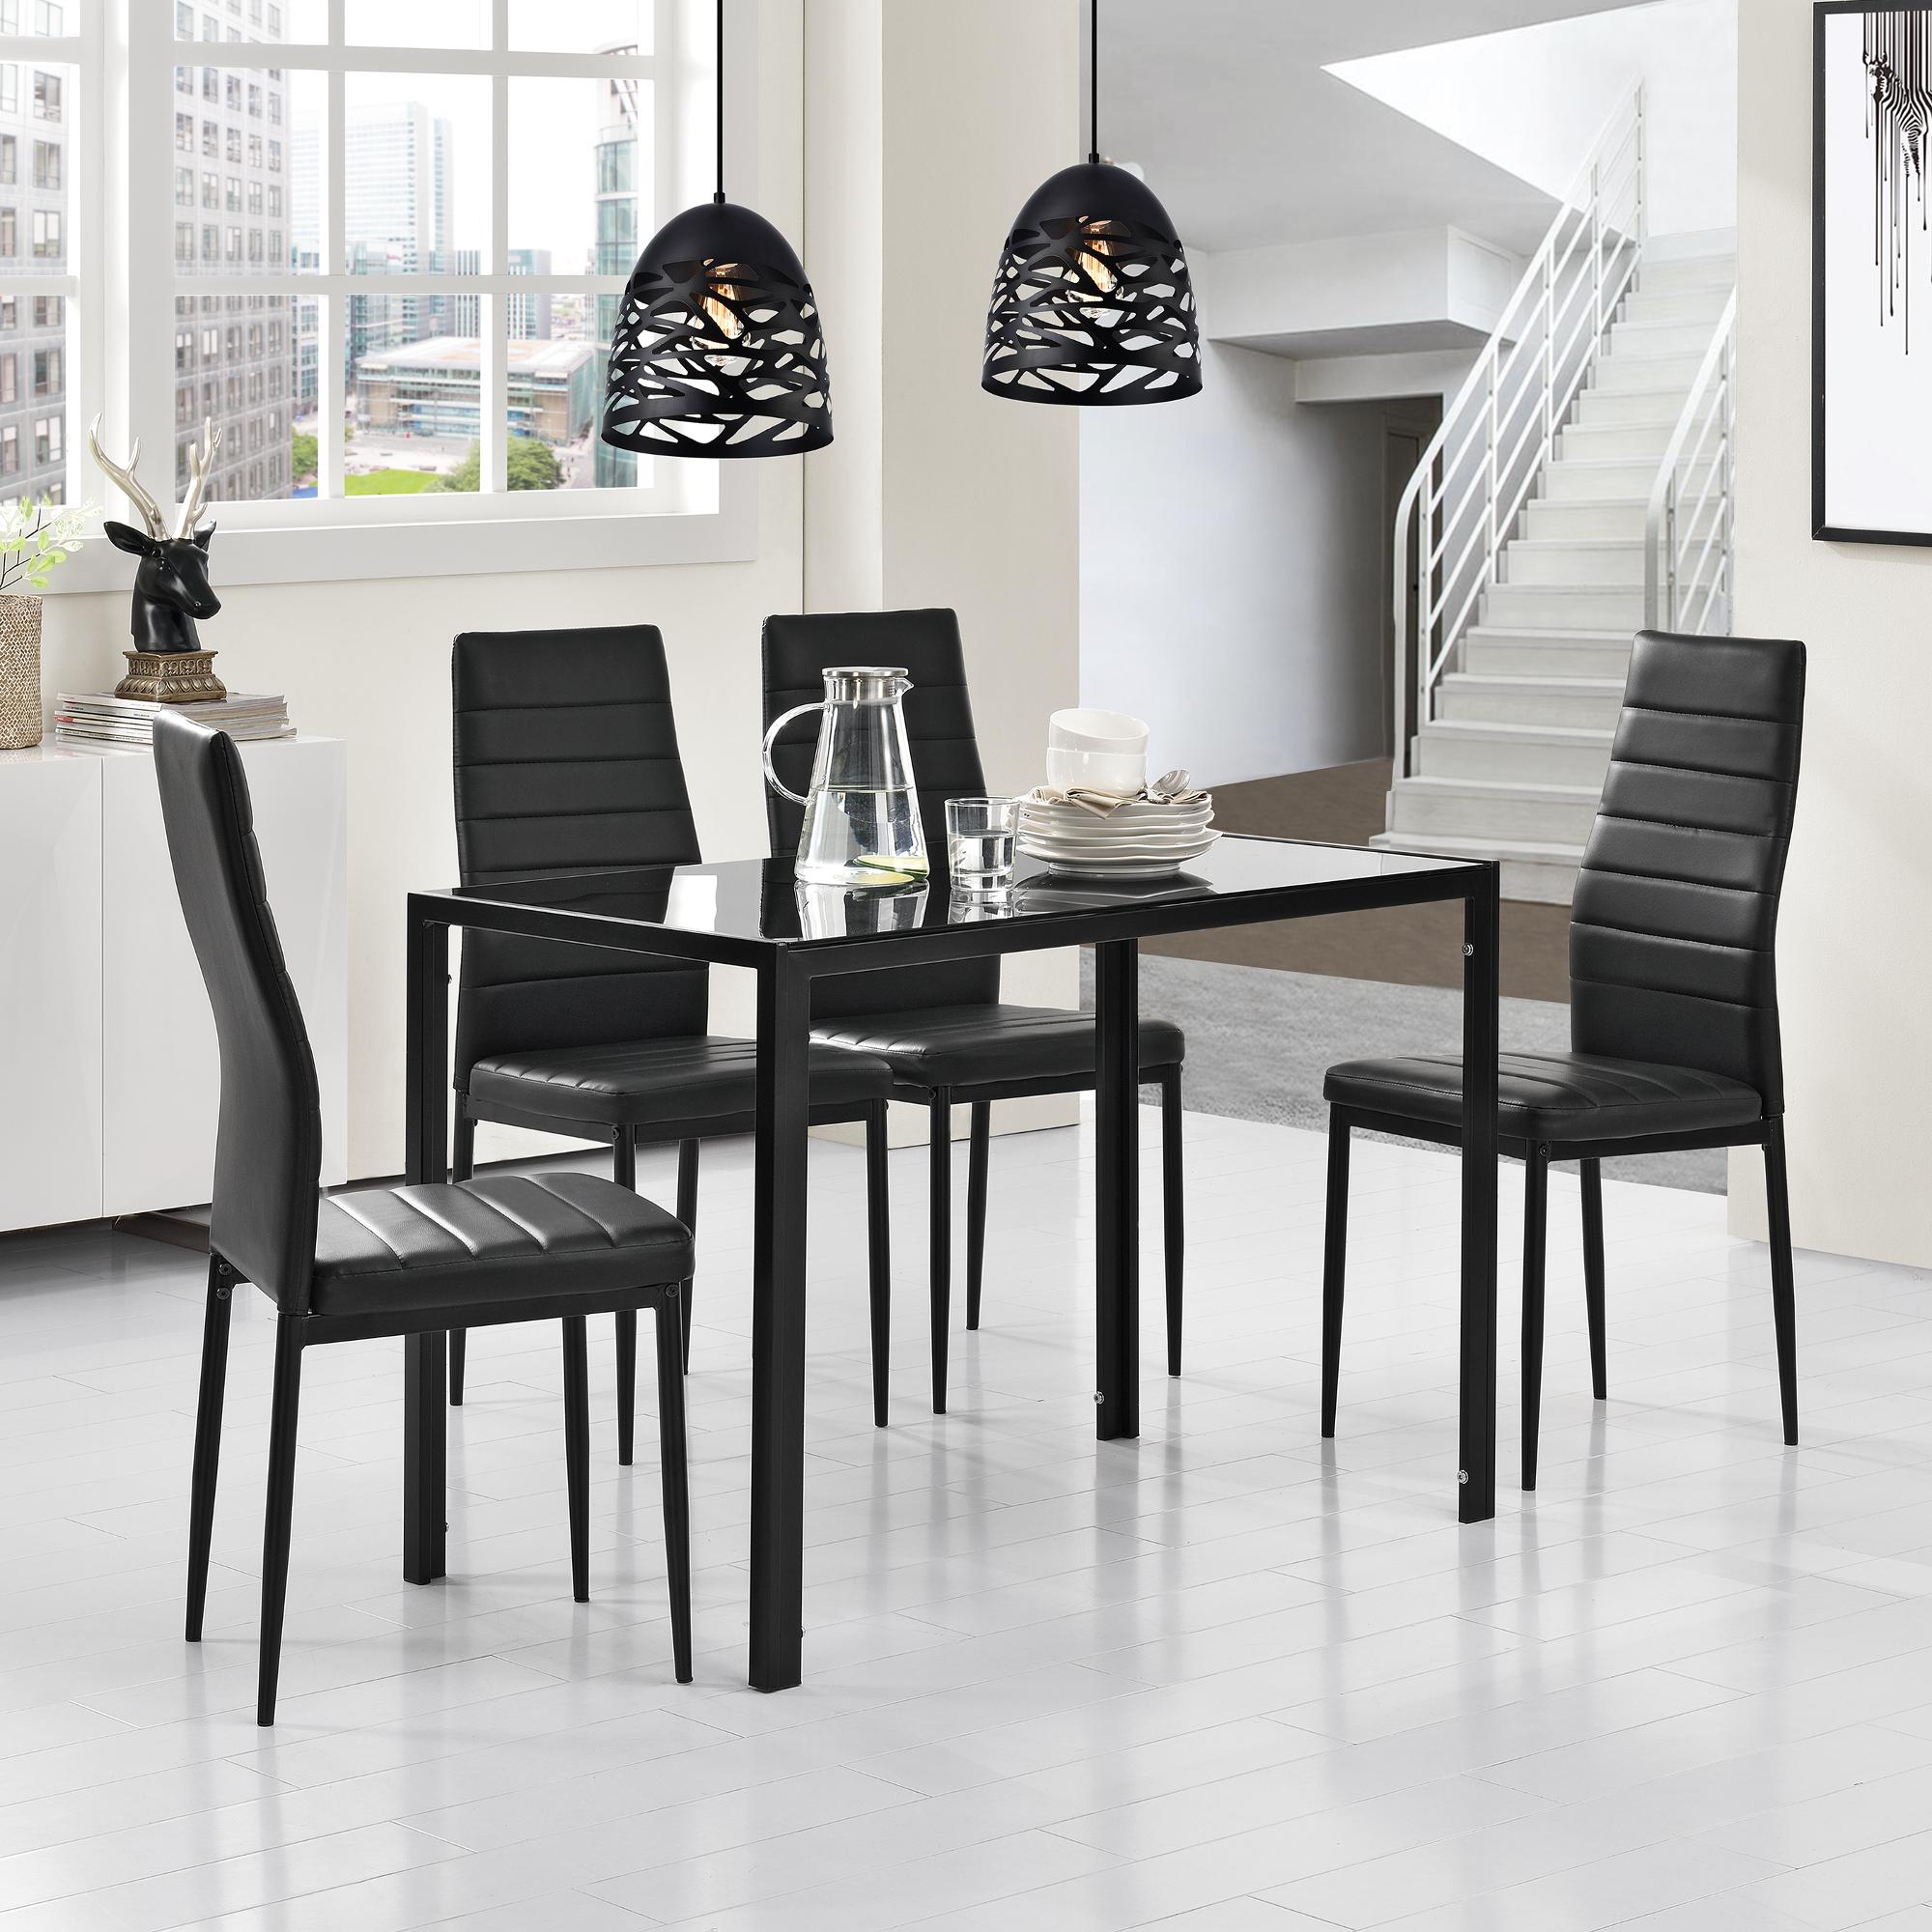 Tavolo da pranzo nero tavolo cucina sala da for Tavolo cucina nero